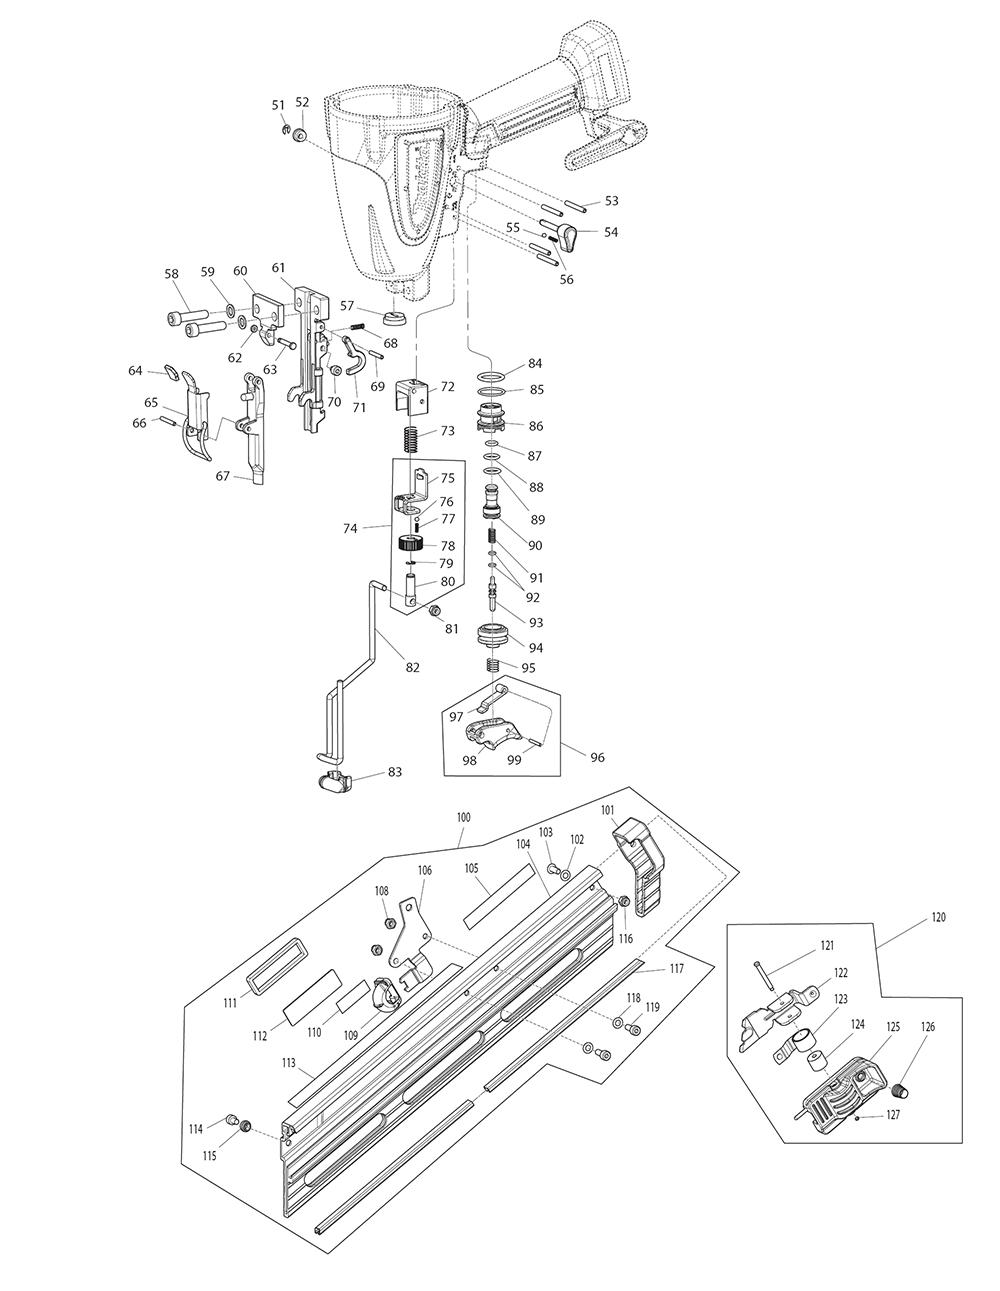 AF635-Makita-PB-1Break Down